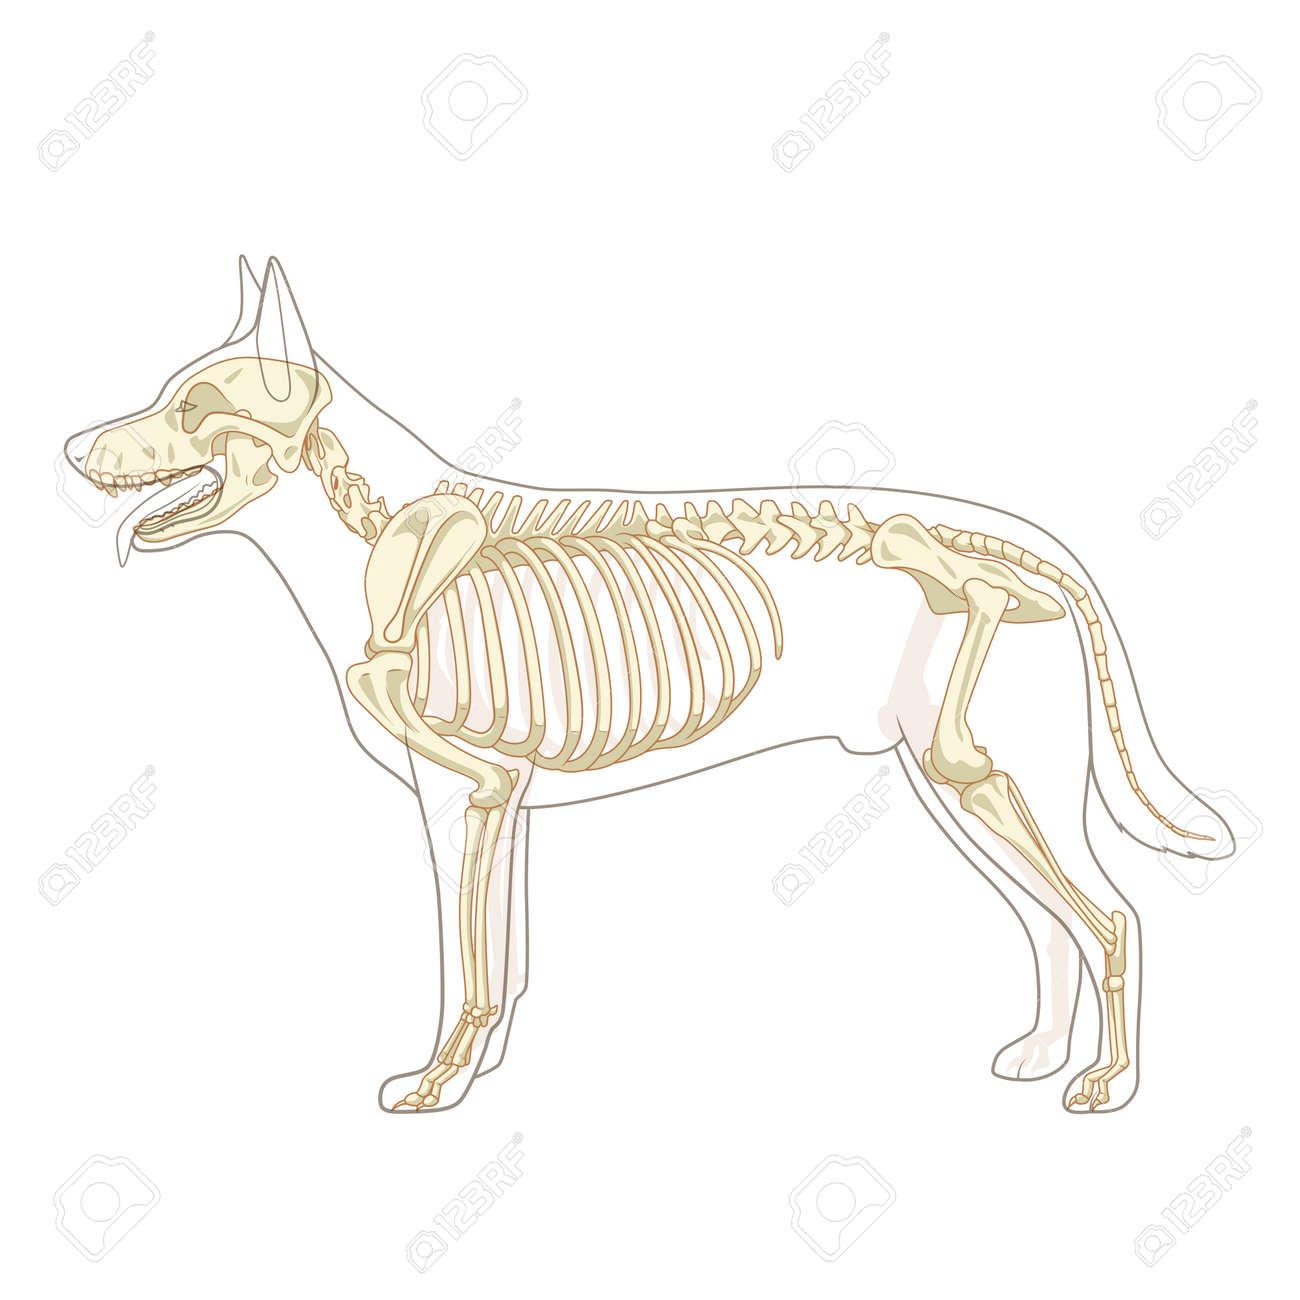 Hundeskelett Veterinär Vektor Illustration, Hund Osteologie ...